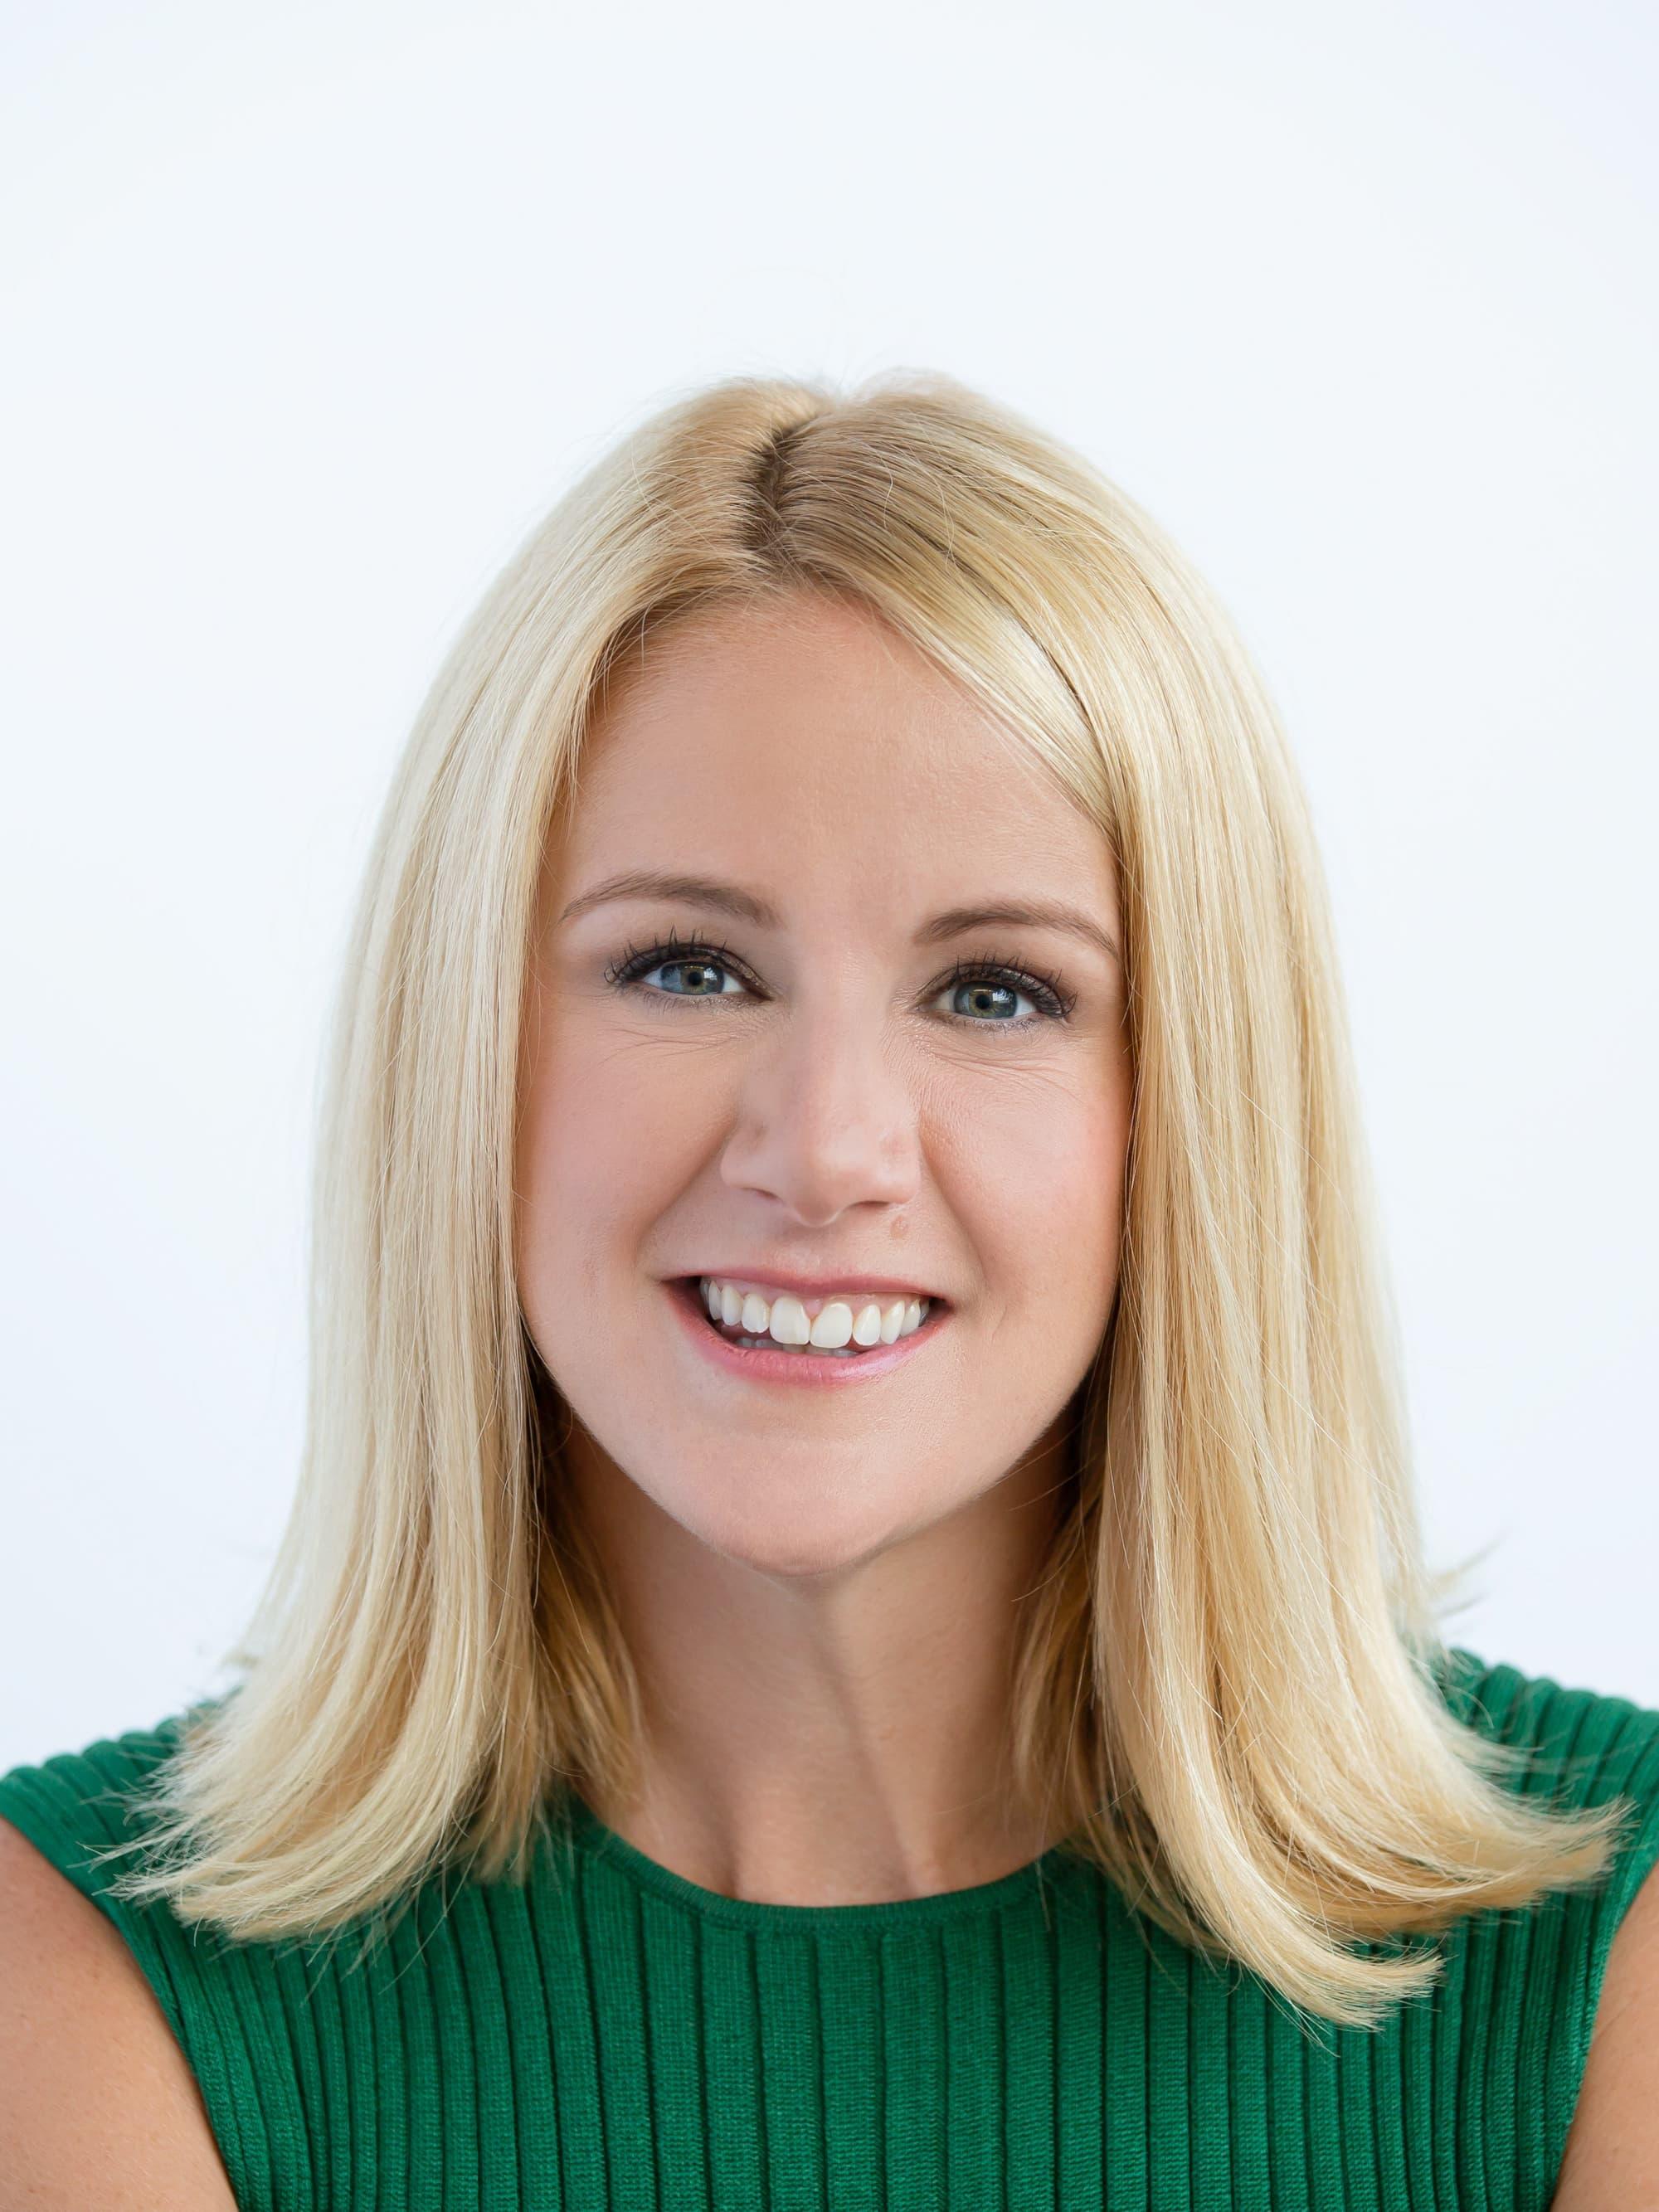 Amanda Kallen